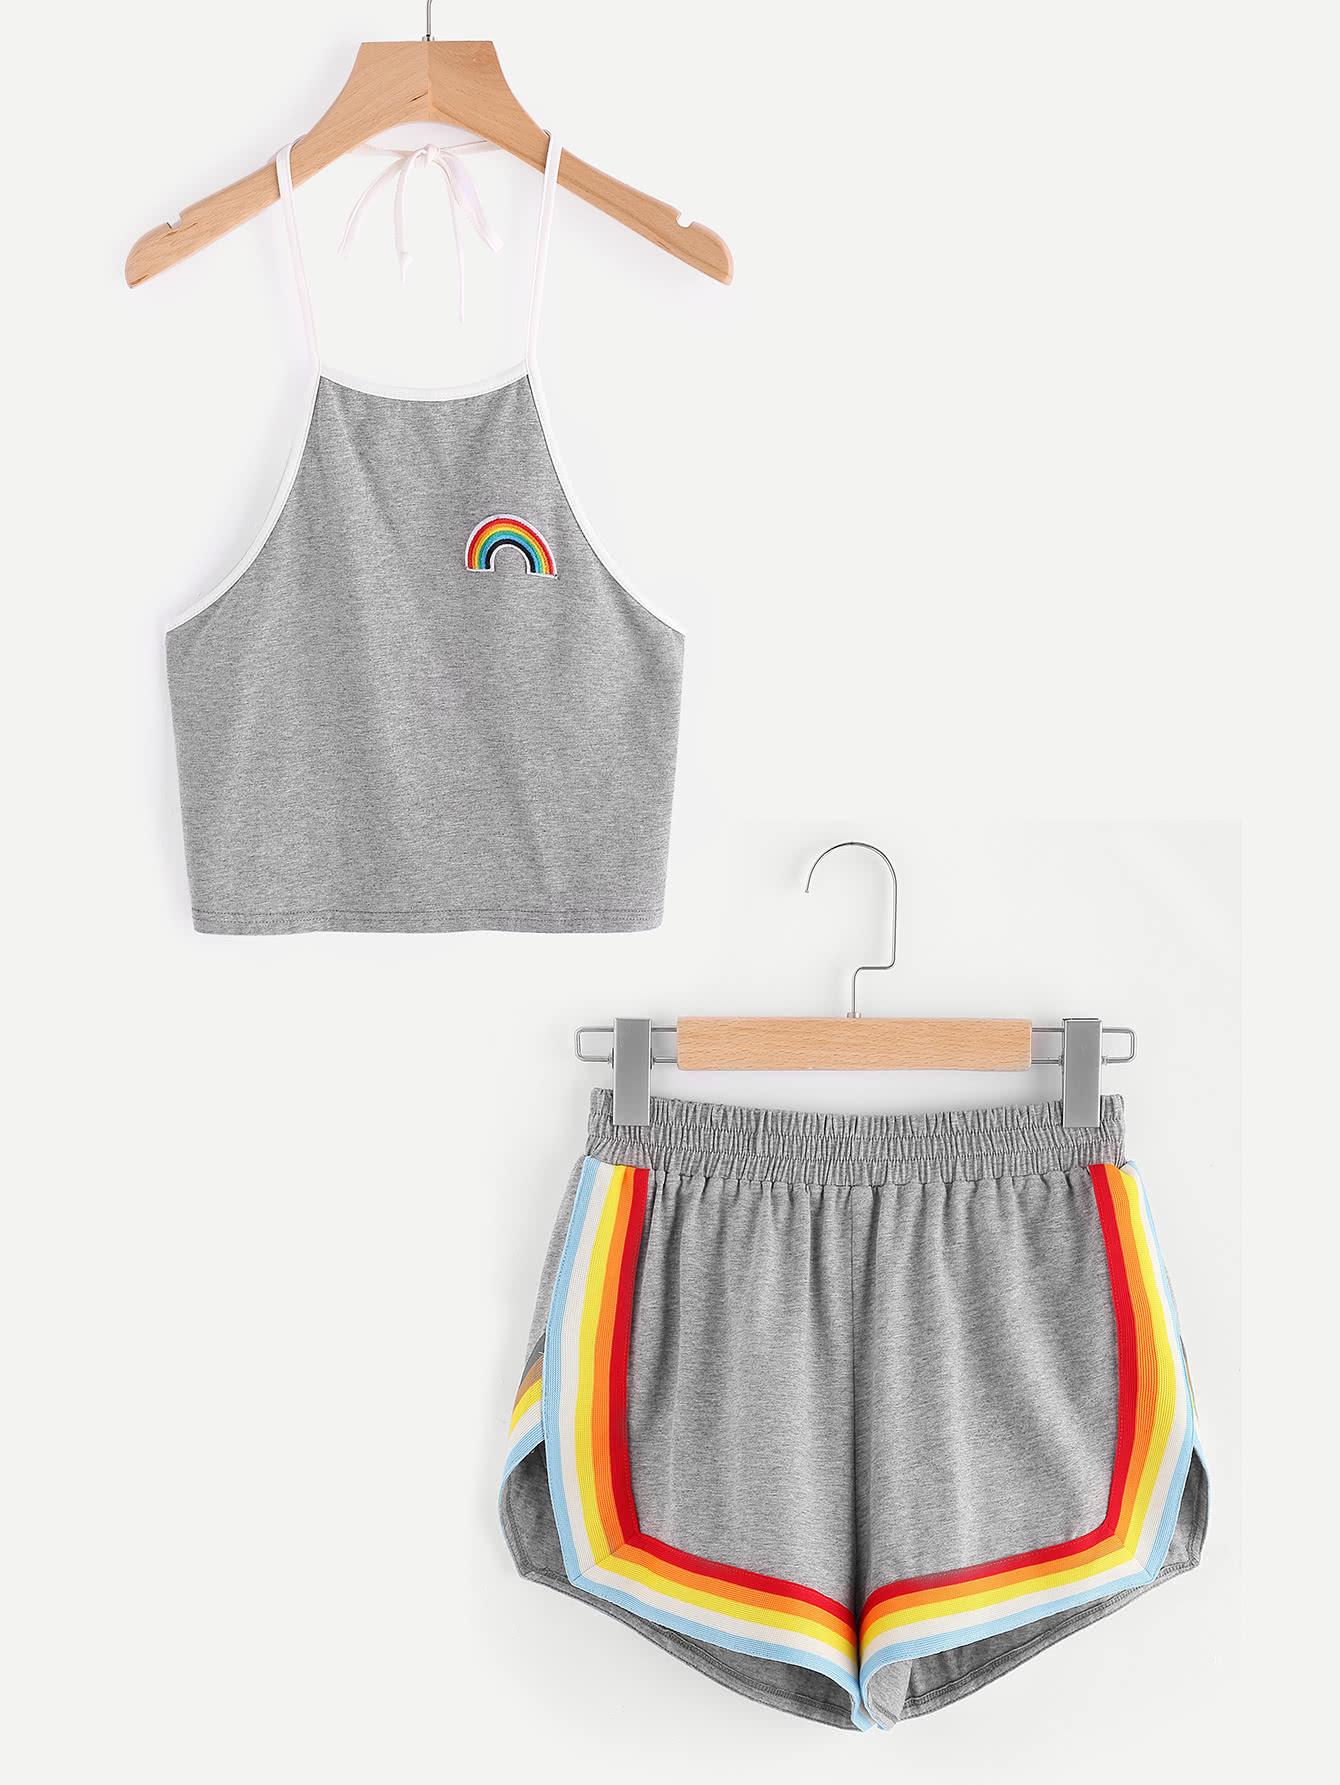 regenboog kleding